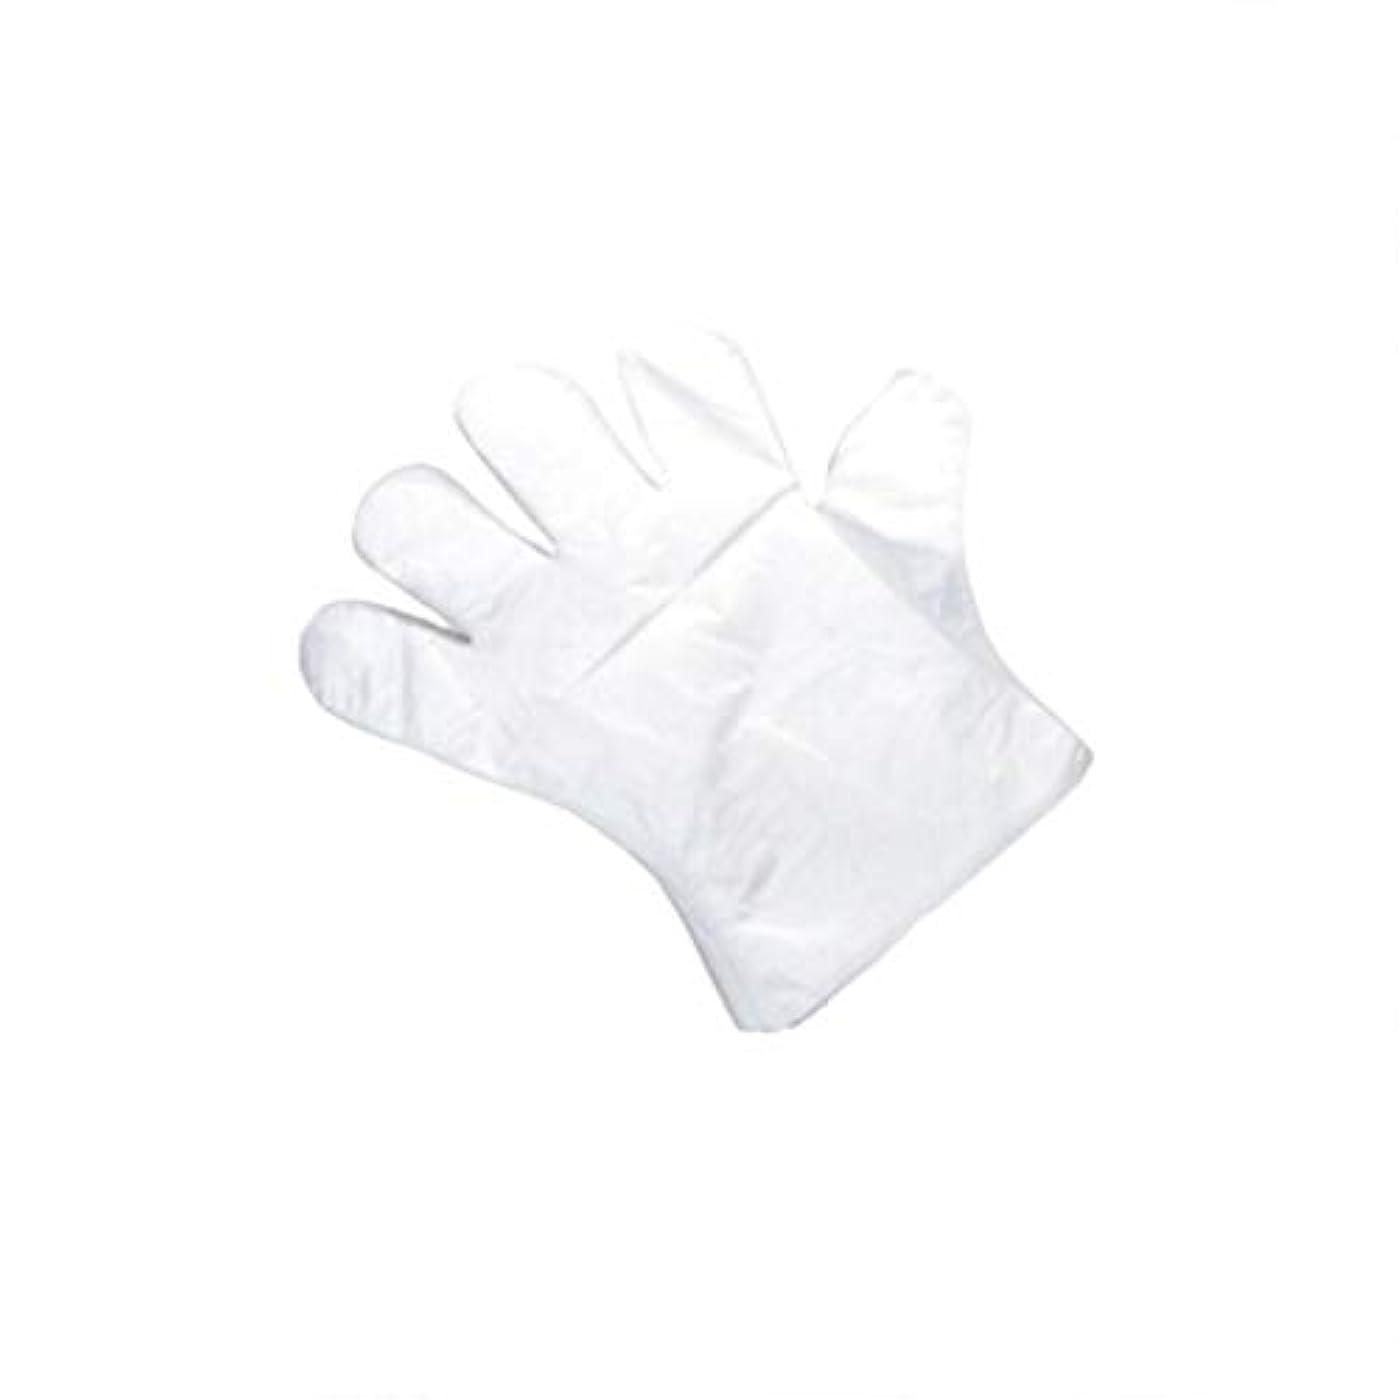 何よりもウール発生手袋、使い捨て手袋、肥厚、抽出手袋、テーブル、ピクニック、100スーツ。